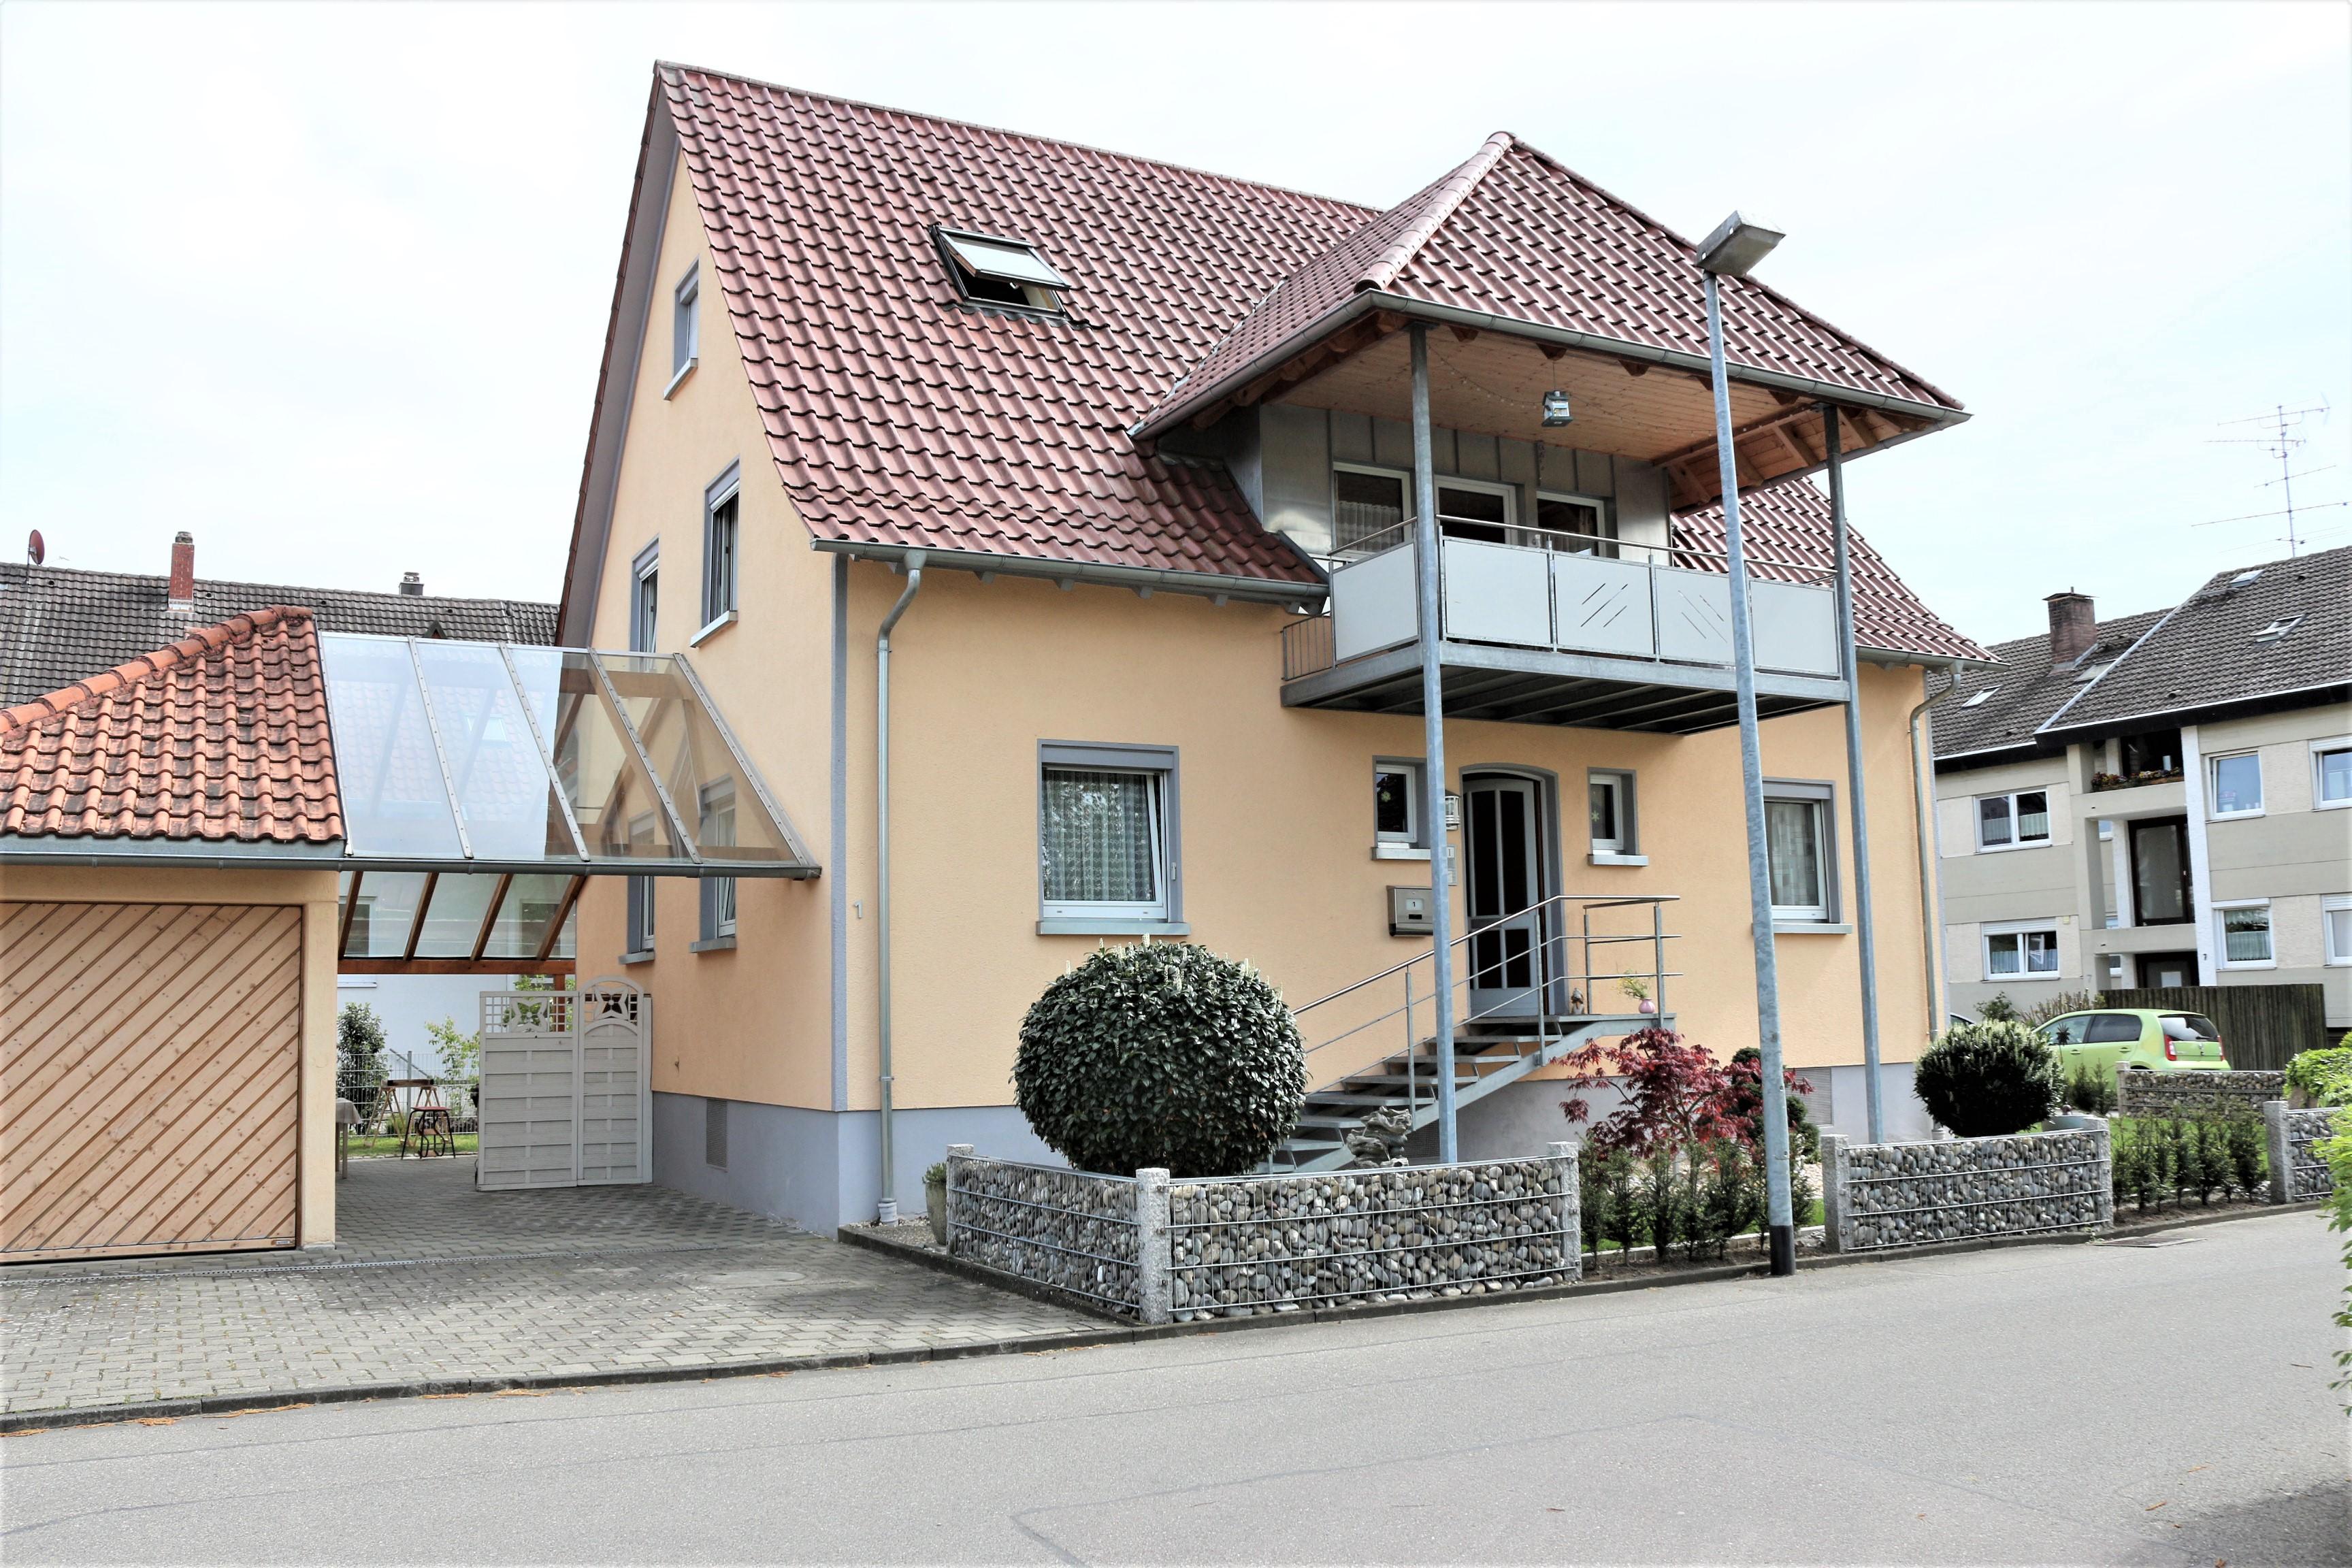 Ferienwohnung Würfel, (Radolfzell-Markelfinge Ferienwohnung